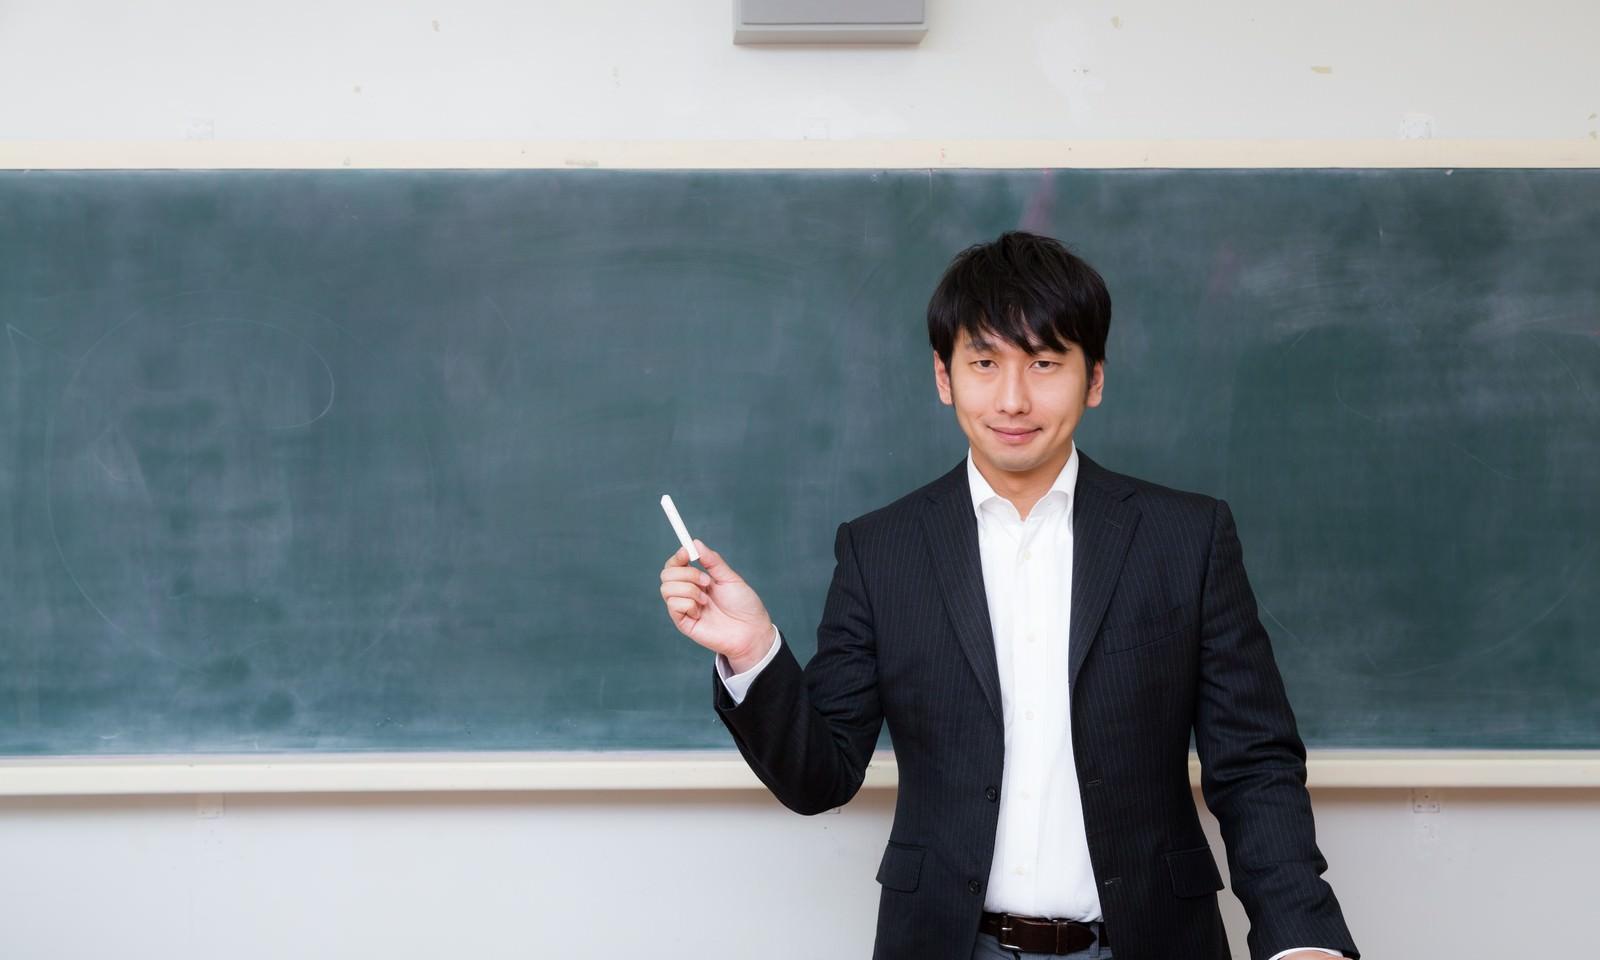 「黒板の前で自己紹介をする新任教師」の写真[モデル:大川竜弥]